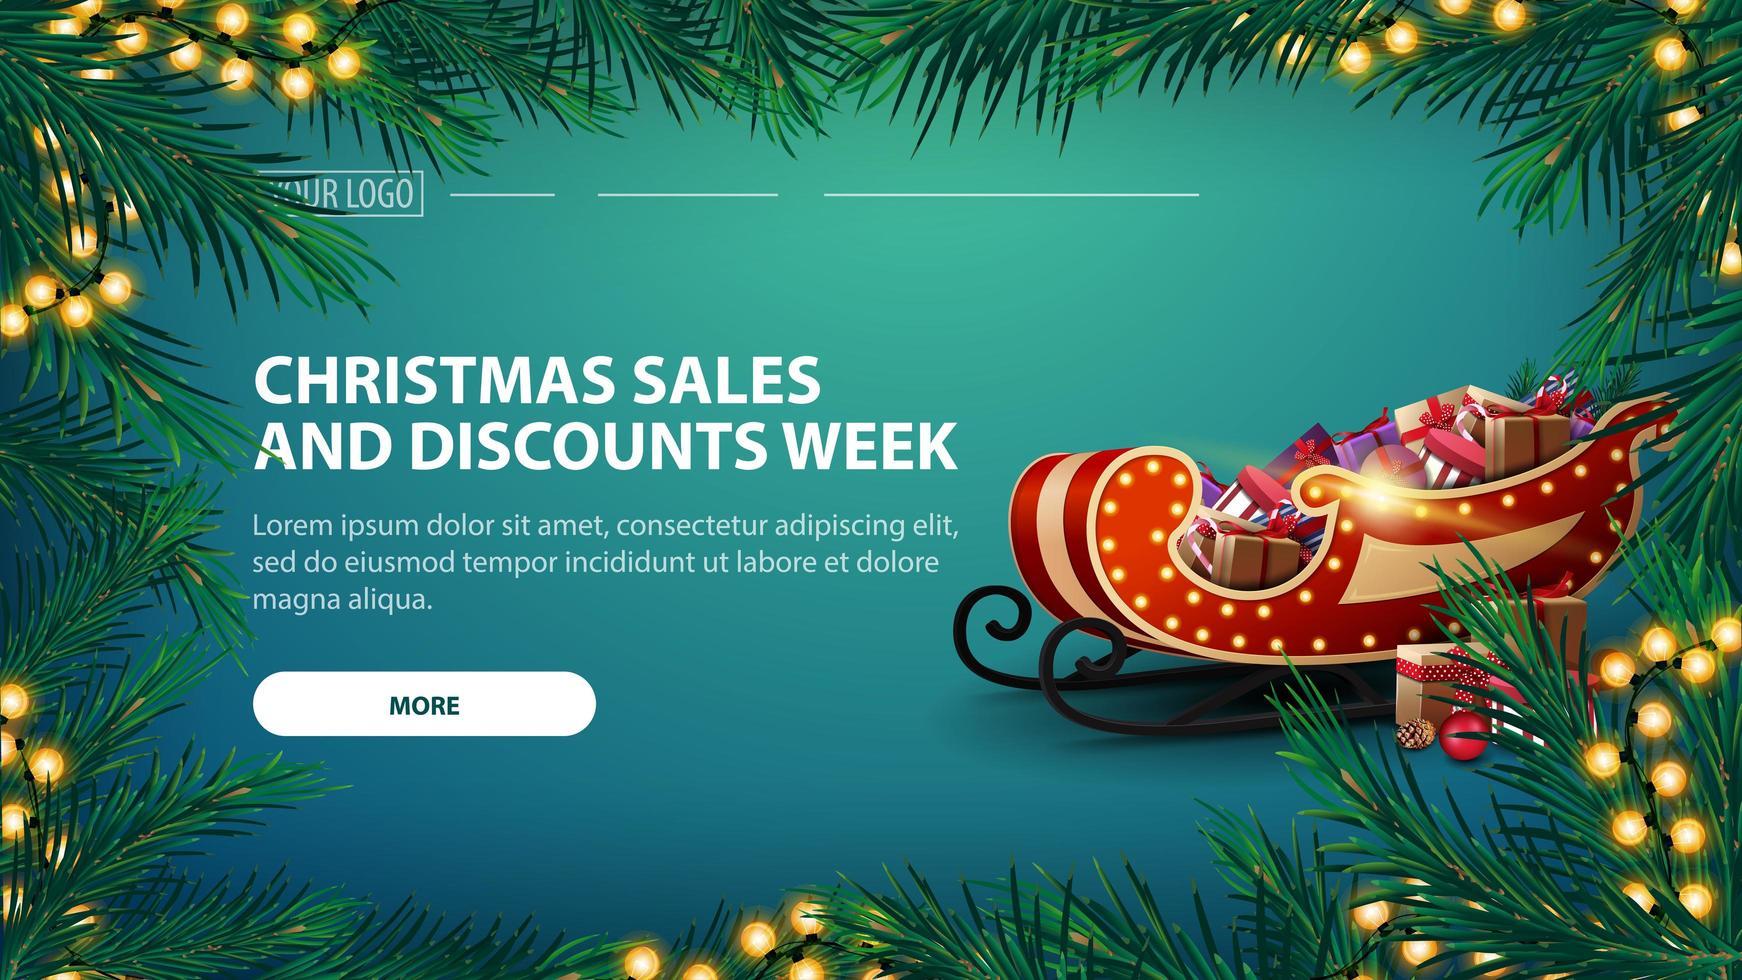 Weihnachtsverkauf und Rabattwoche, grünes Banner mit Girlande aus Tannenzweigen mit gelber Girlande und Weihnachtsschlitten mit Geschenken vektor